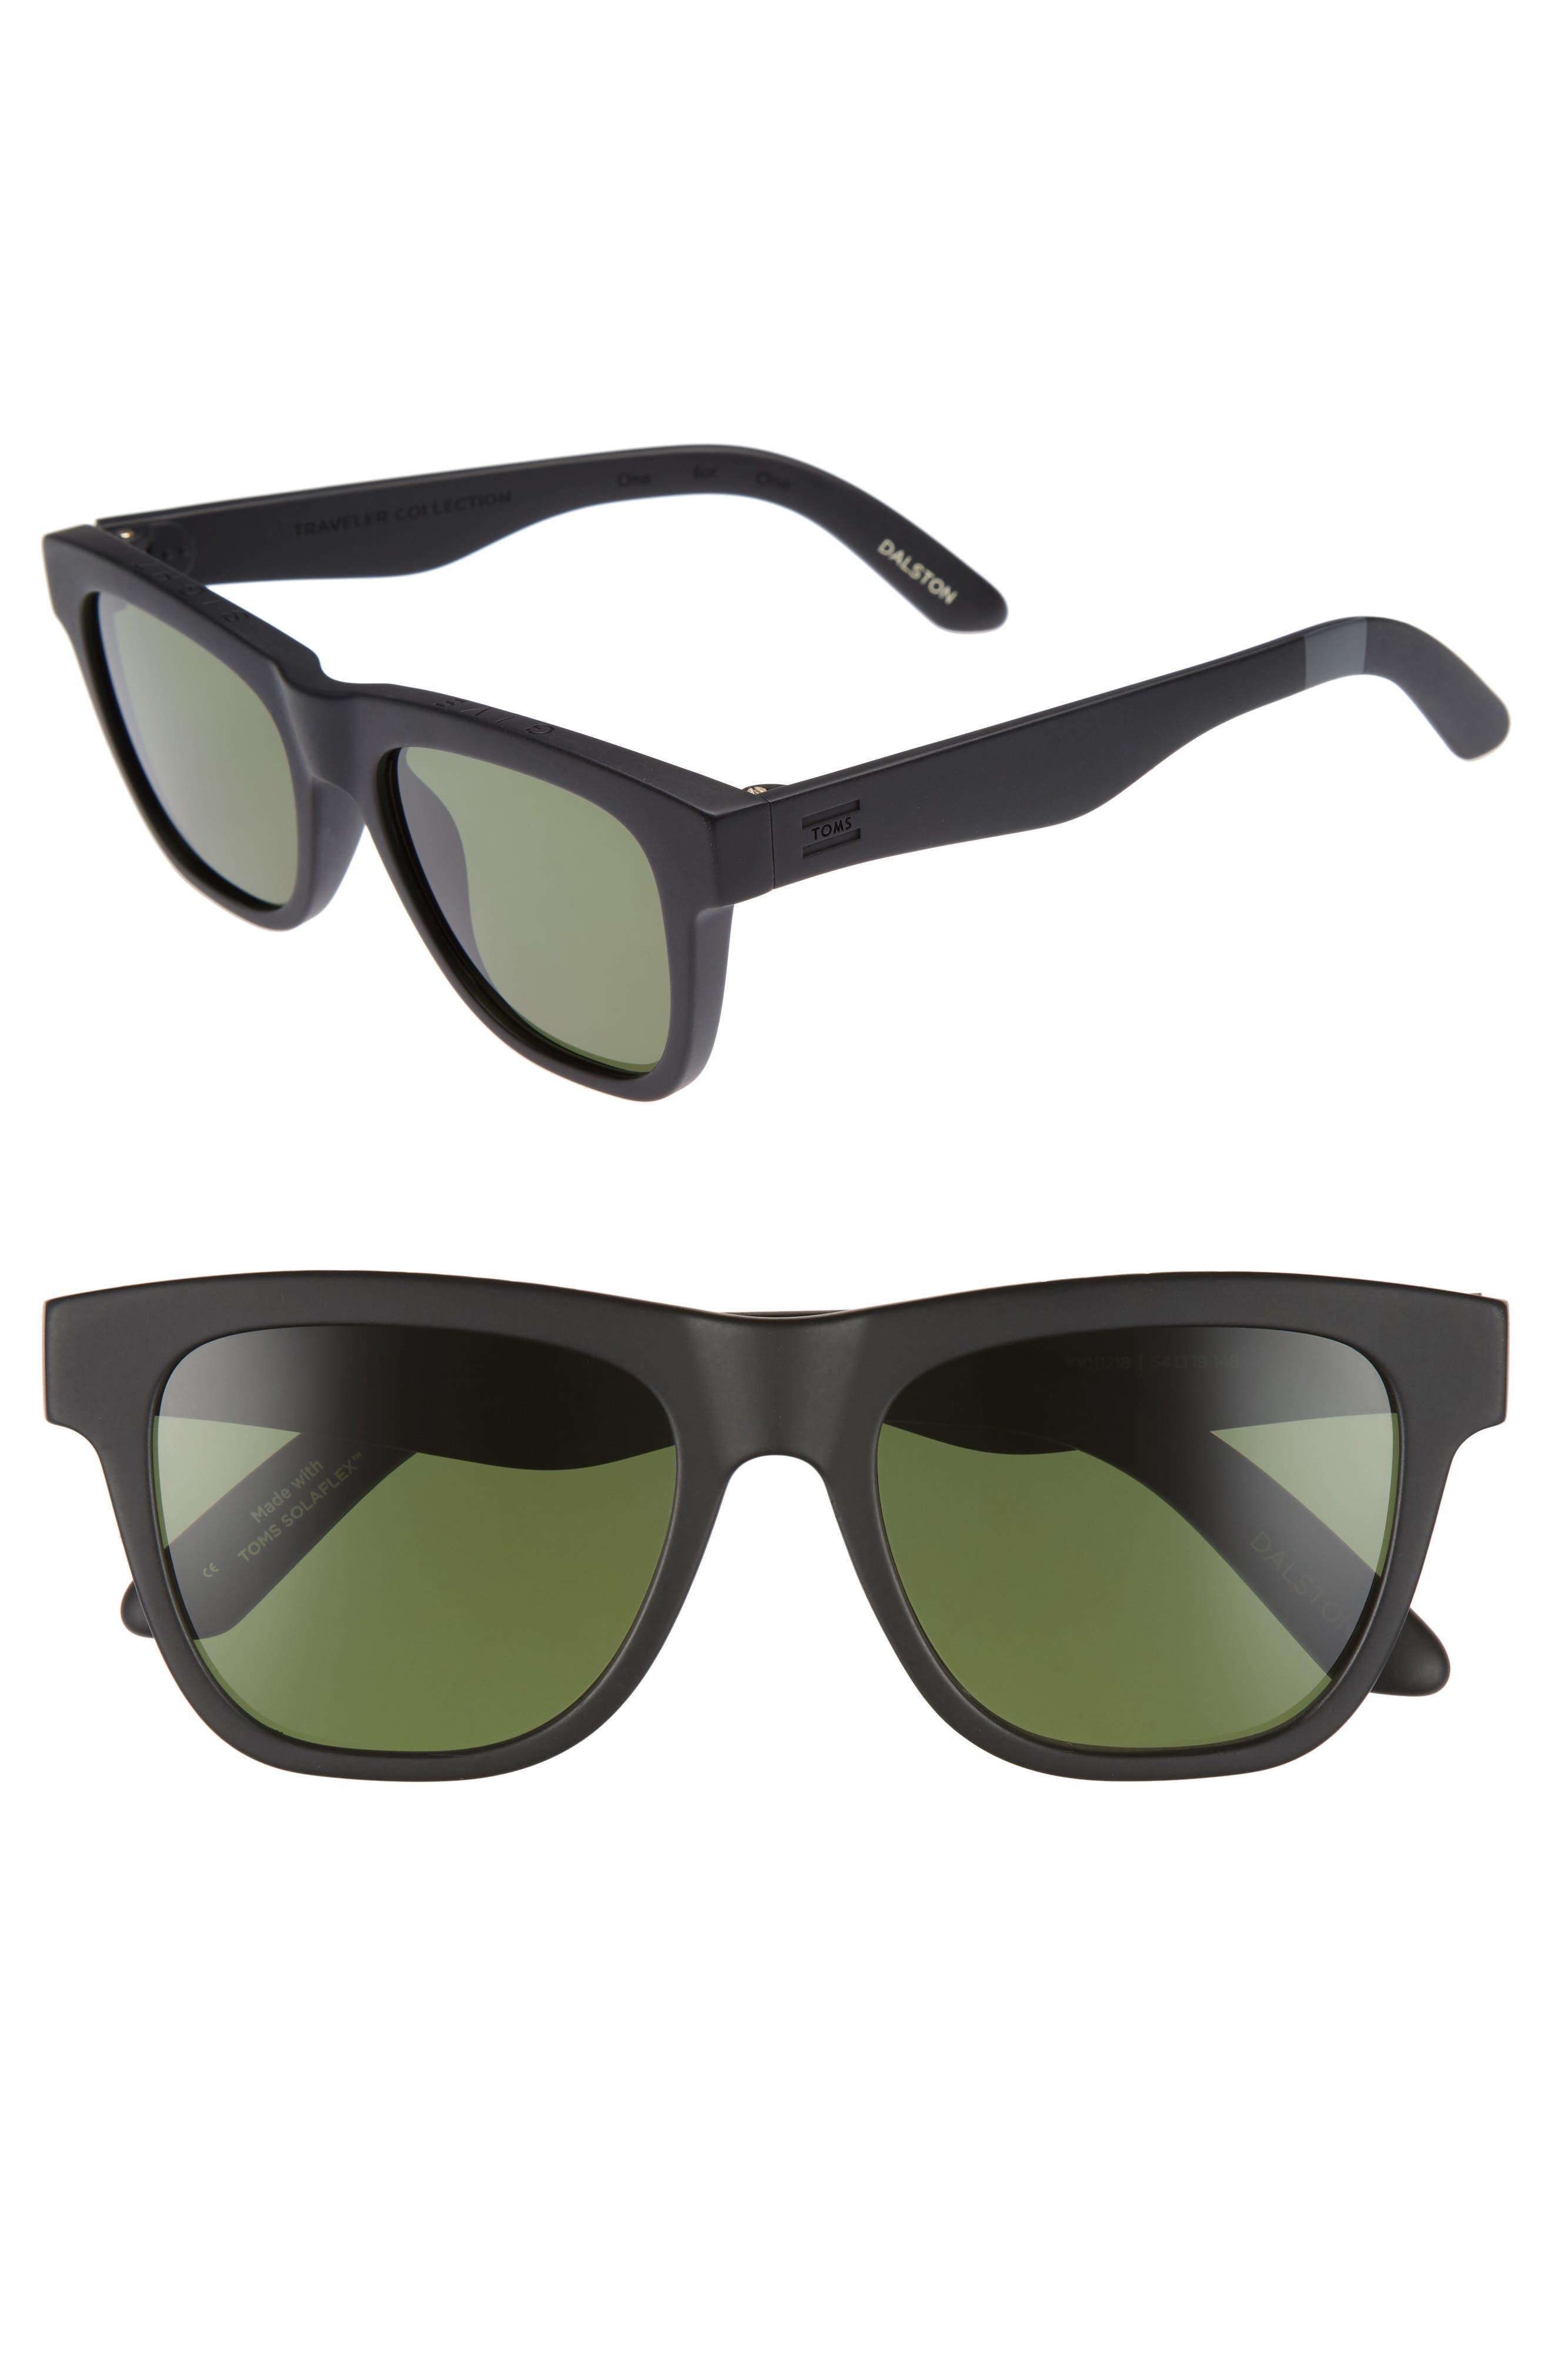 Dalston 54mm Polarized Sunglasses,                         Main,                         color, Matte Black Polar